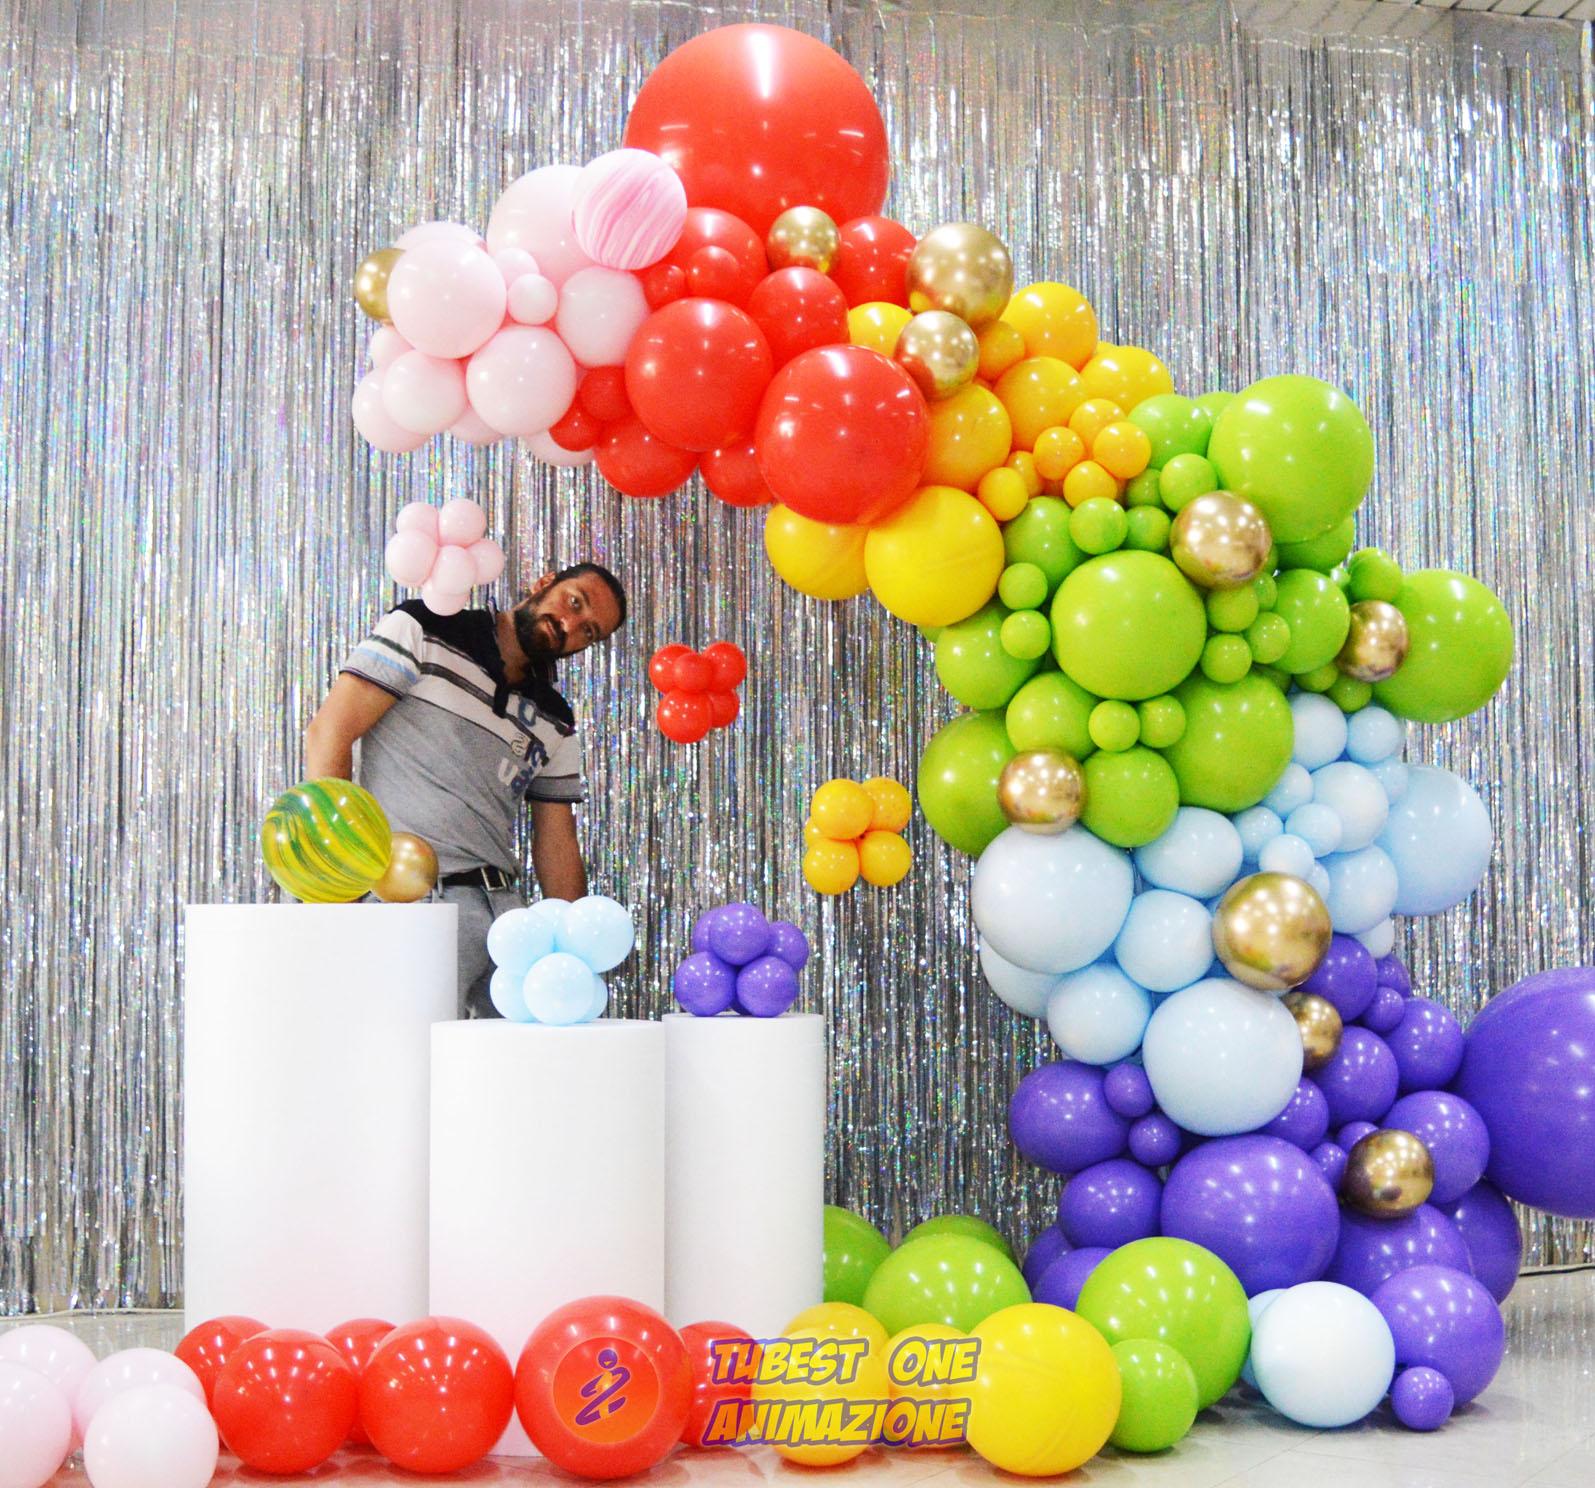 Decorazioni palloncini Semi arco Organic unicorno arcobaleno